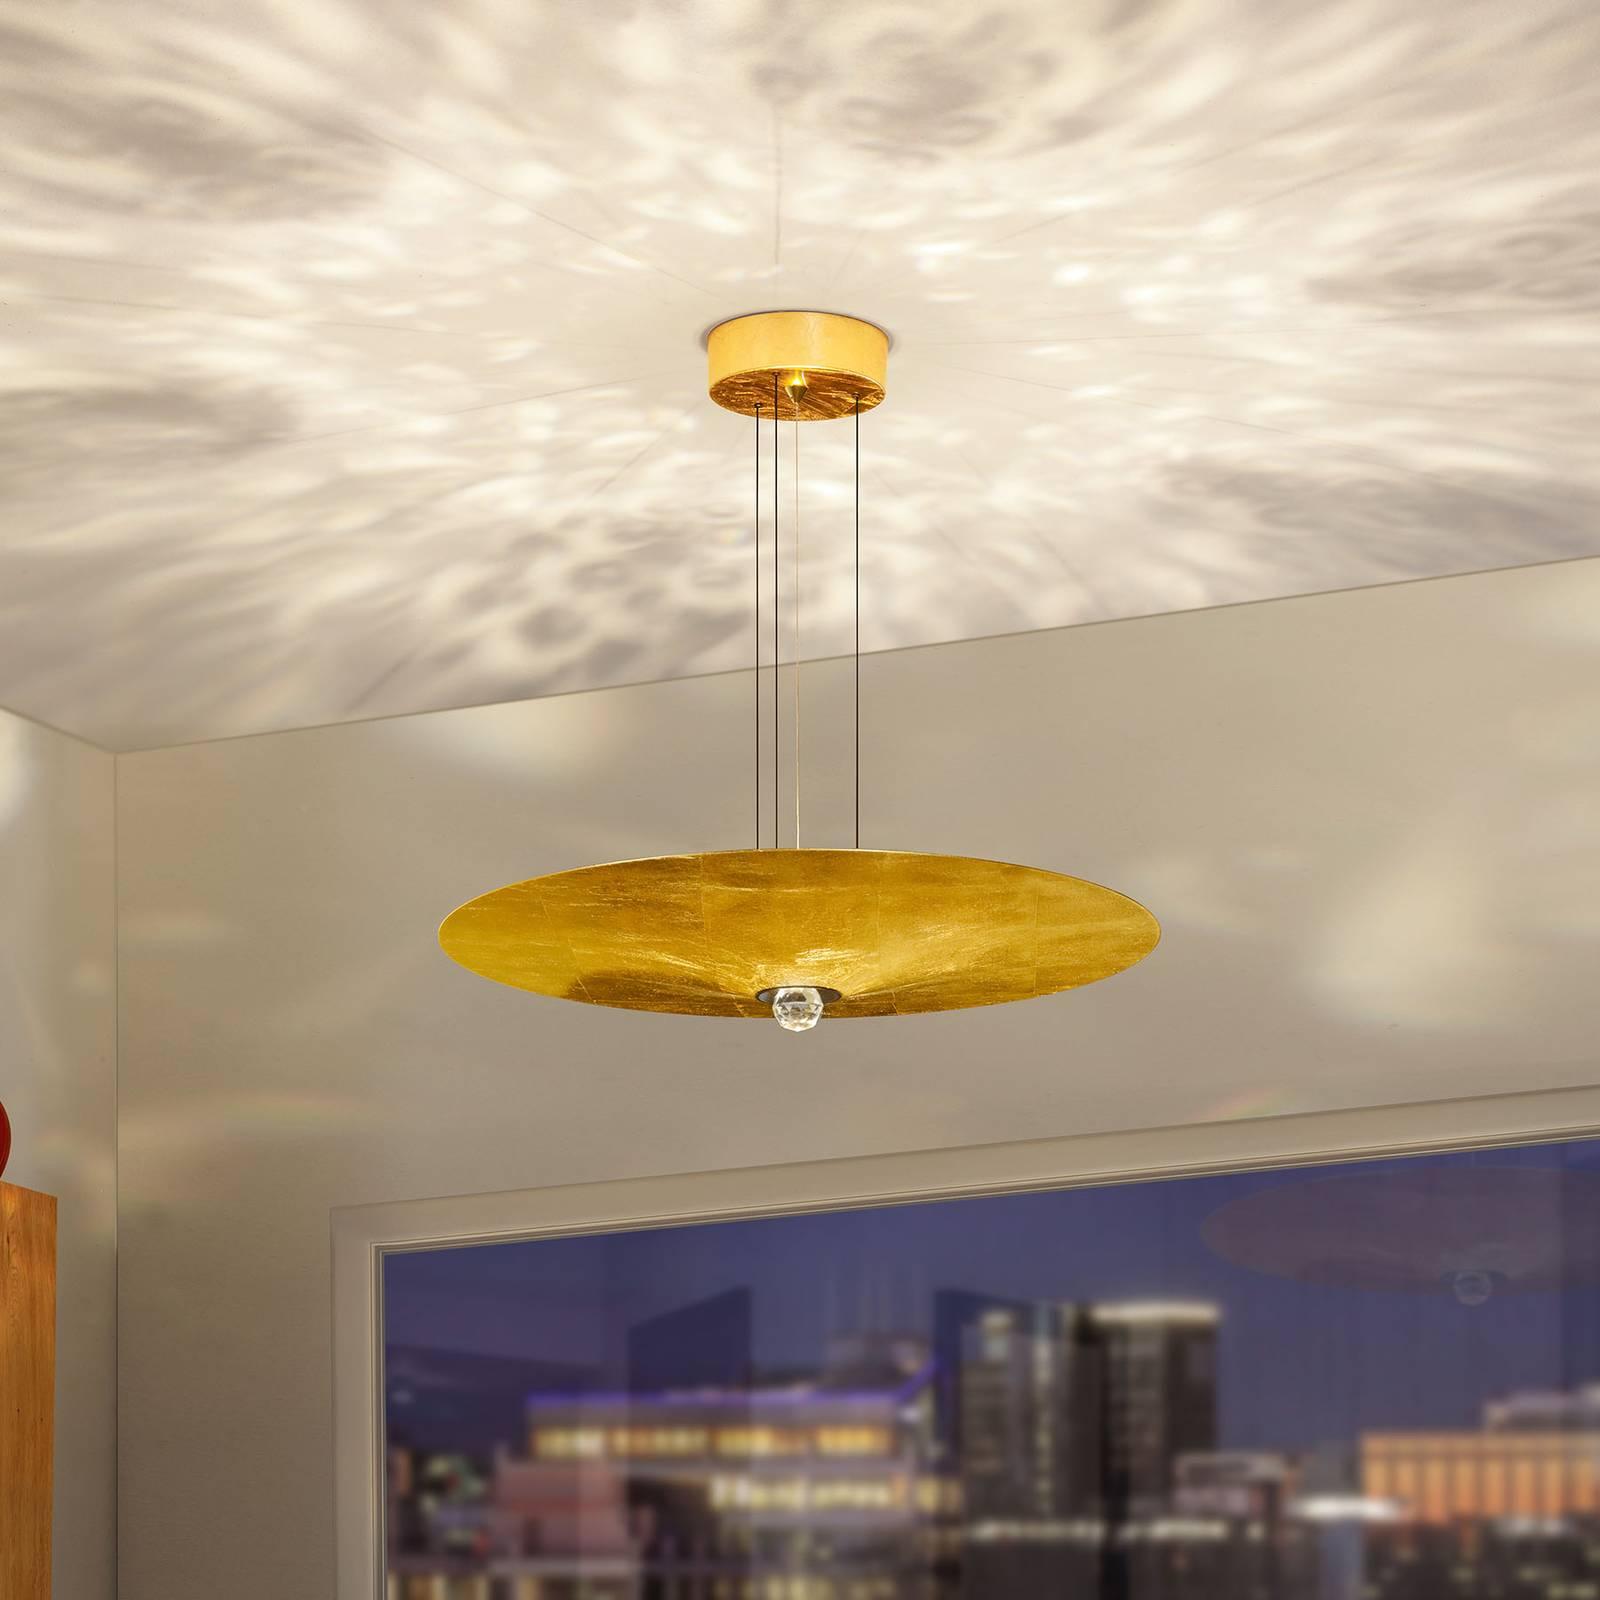 BANKAMP Wisdom LED-Hängeleuchte, Blattgold, Ø 60cm